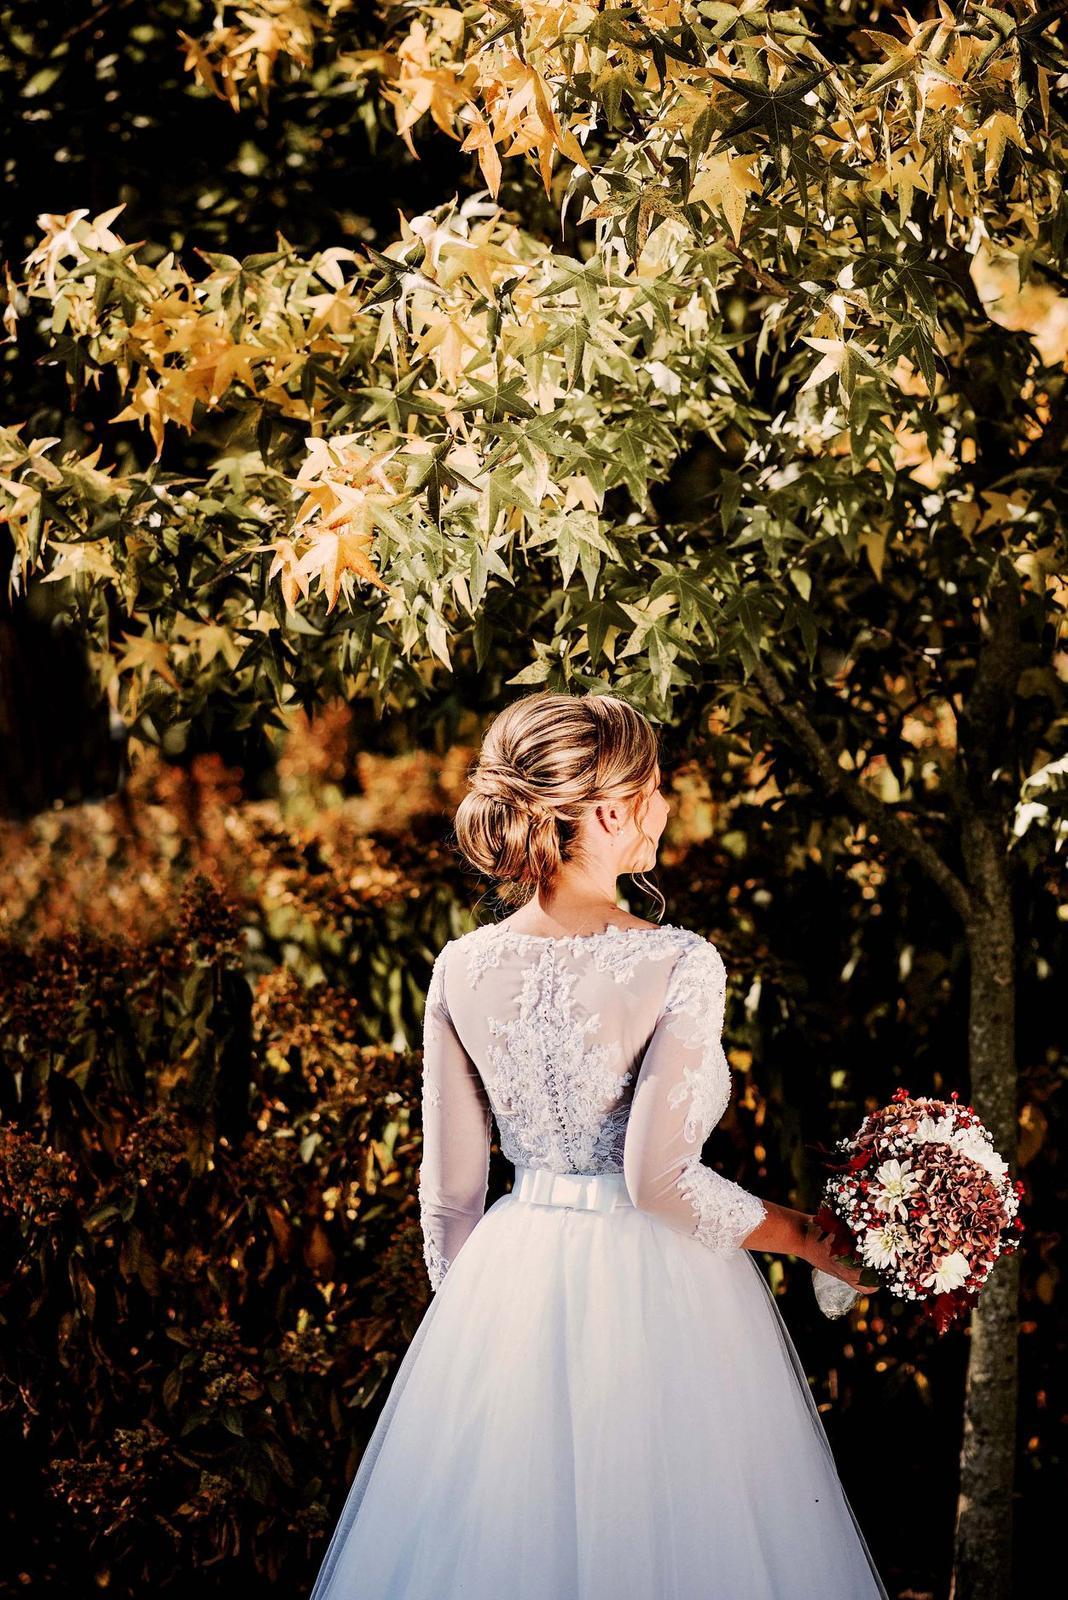 Moje svadobné fotografie - Obrázok č. 12